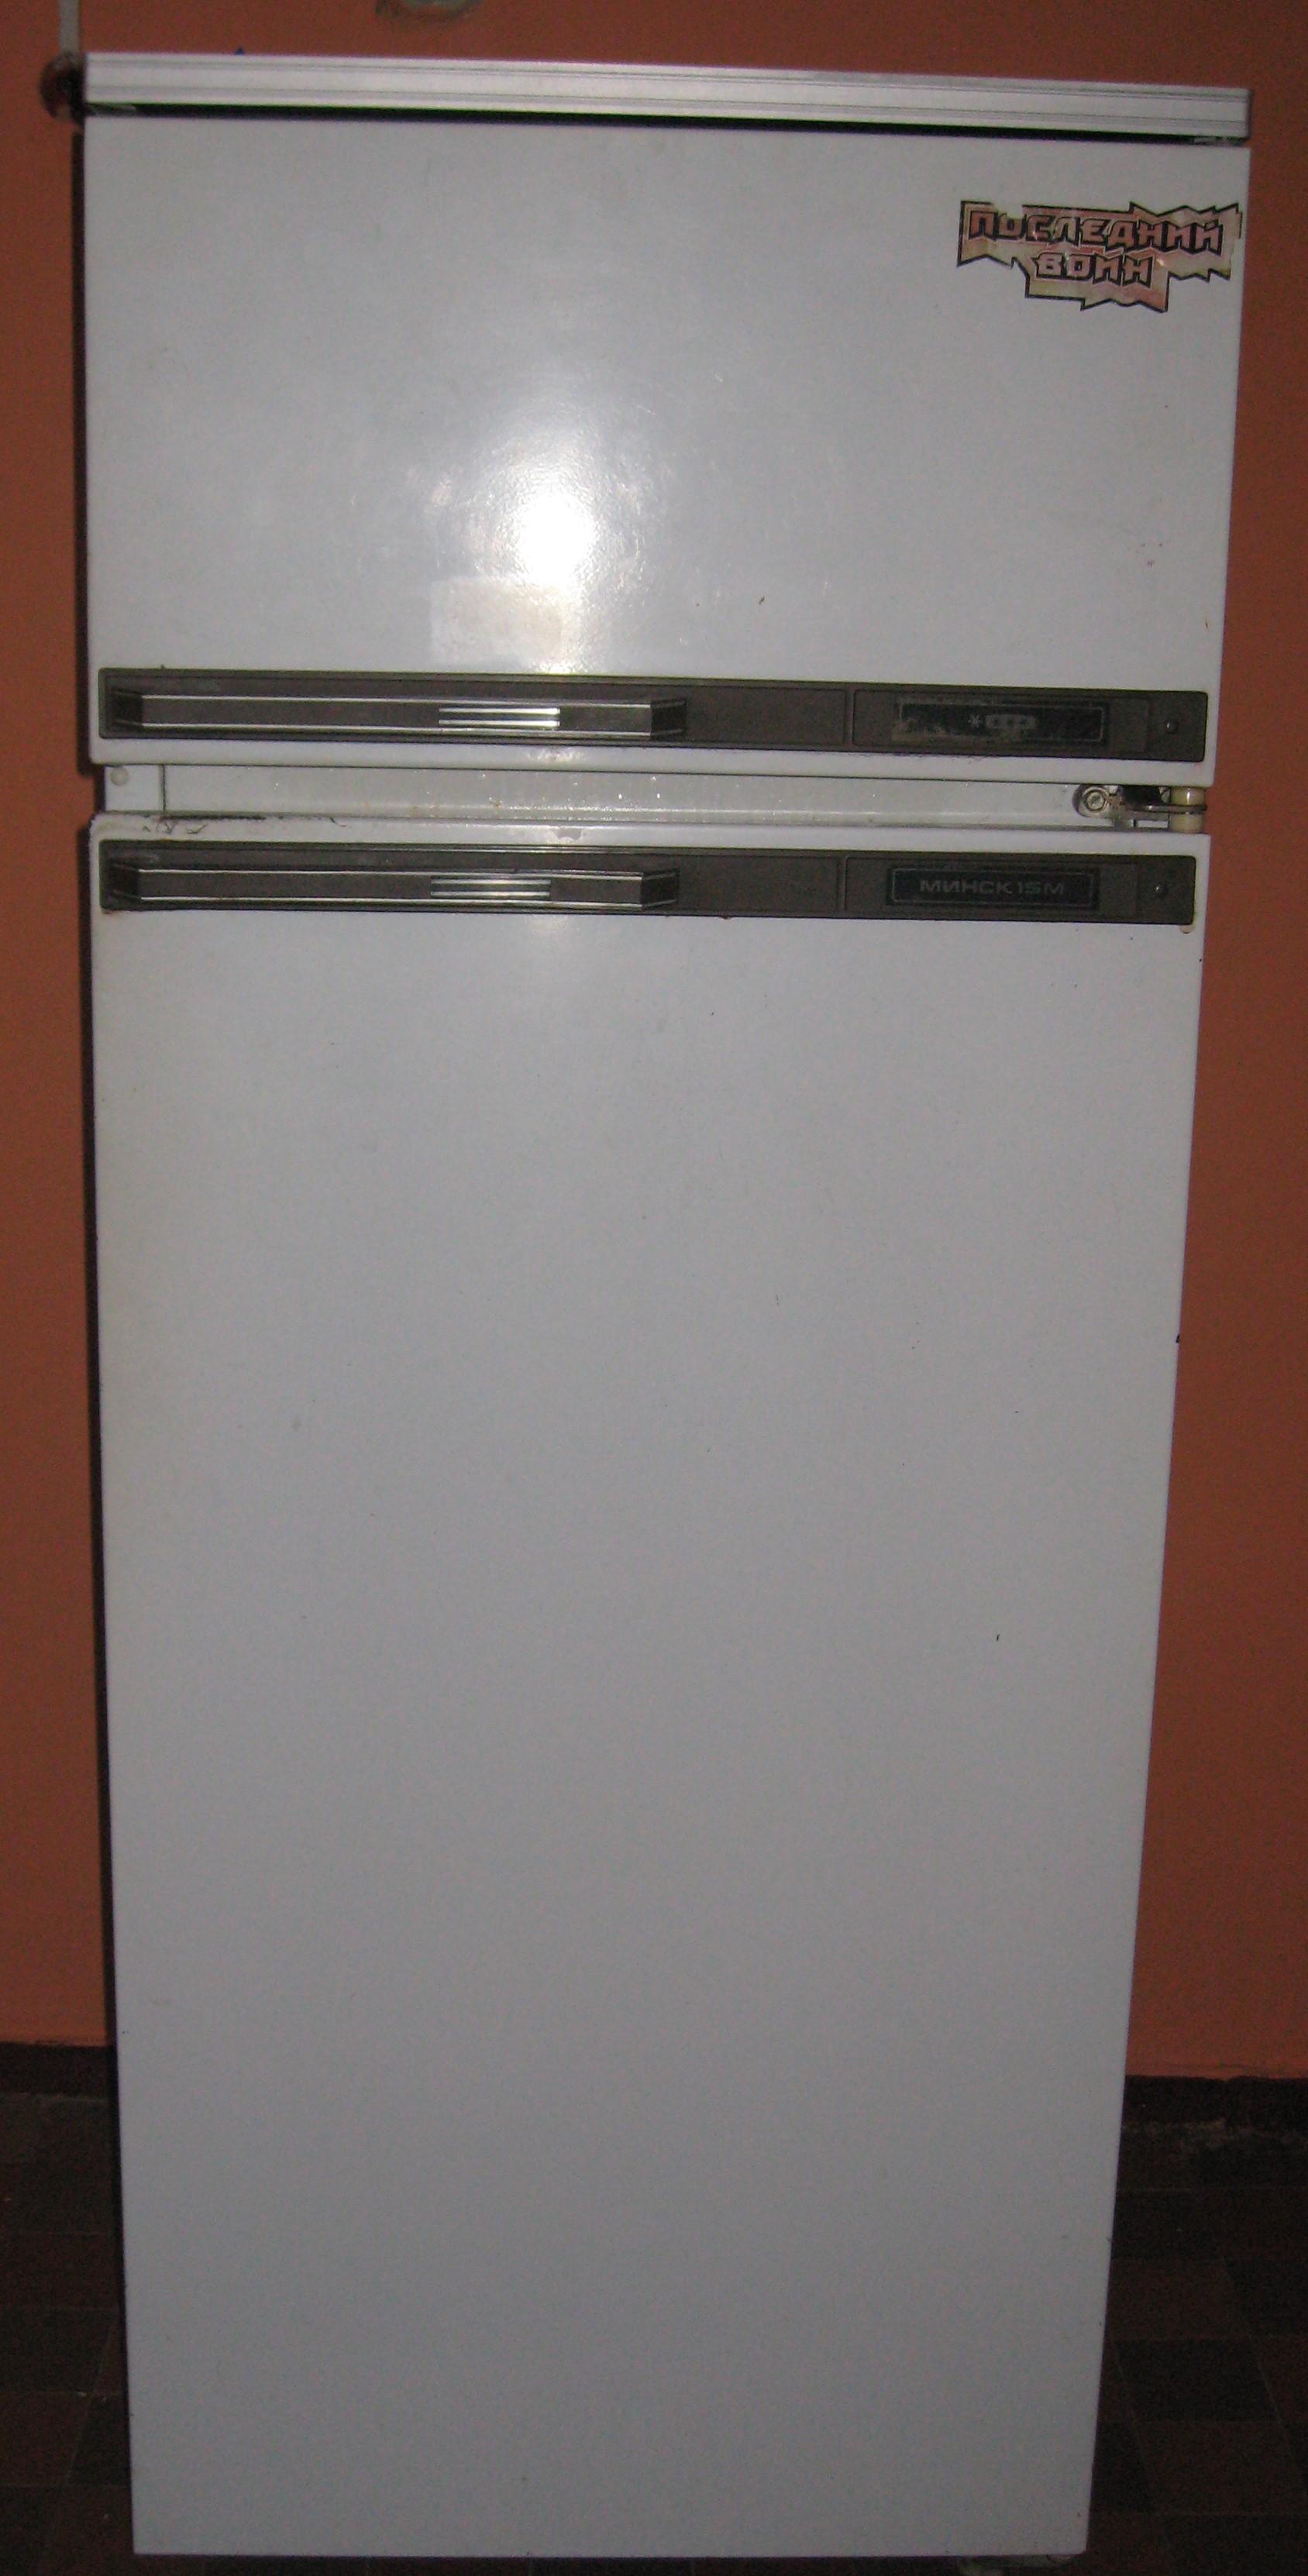 Ремонт и обслуживание холодильника минск